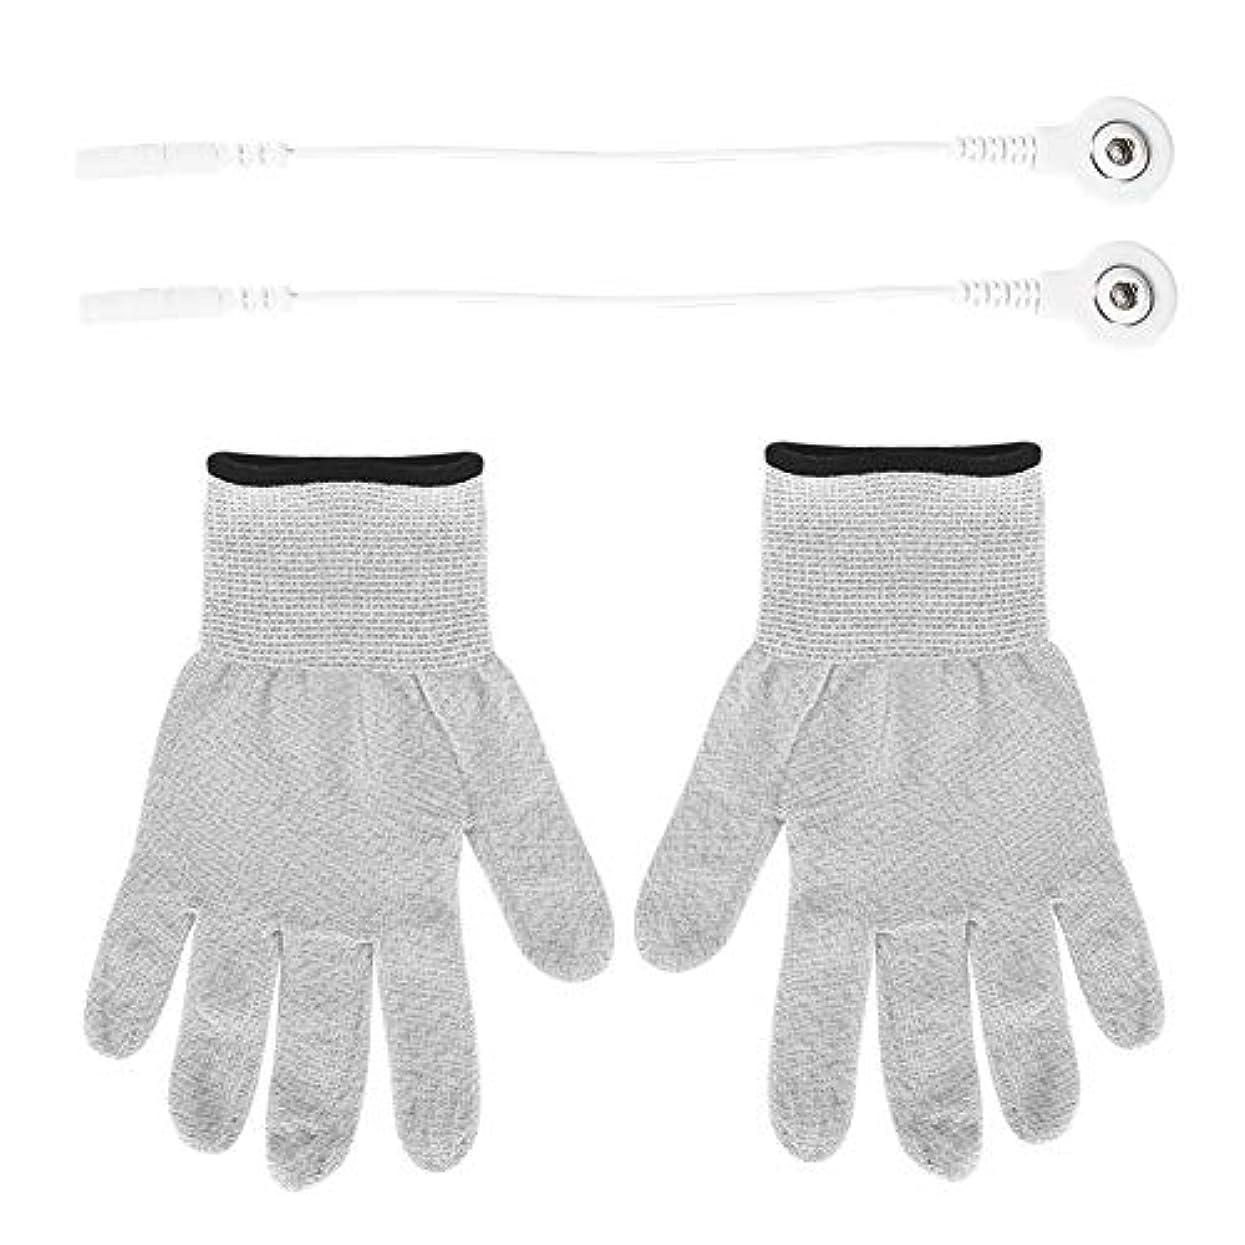 ボールメダル進む1組 電極 手袋繊維 電気衝撃療法 マッサージ 手袋電気衝撃繊維 脈拍療法 マッサージ 伝導性 手袋